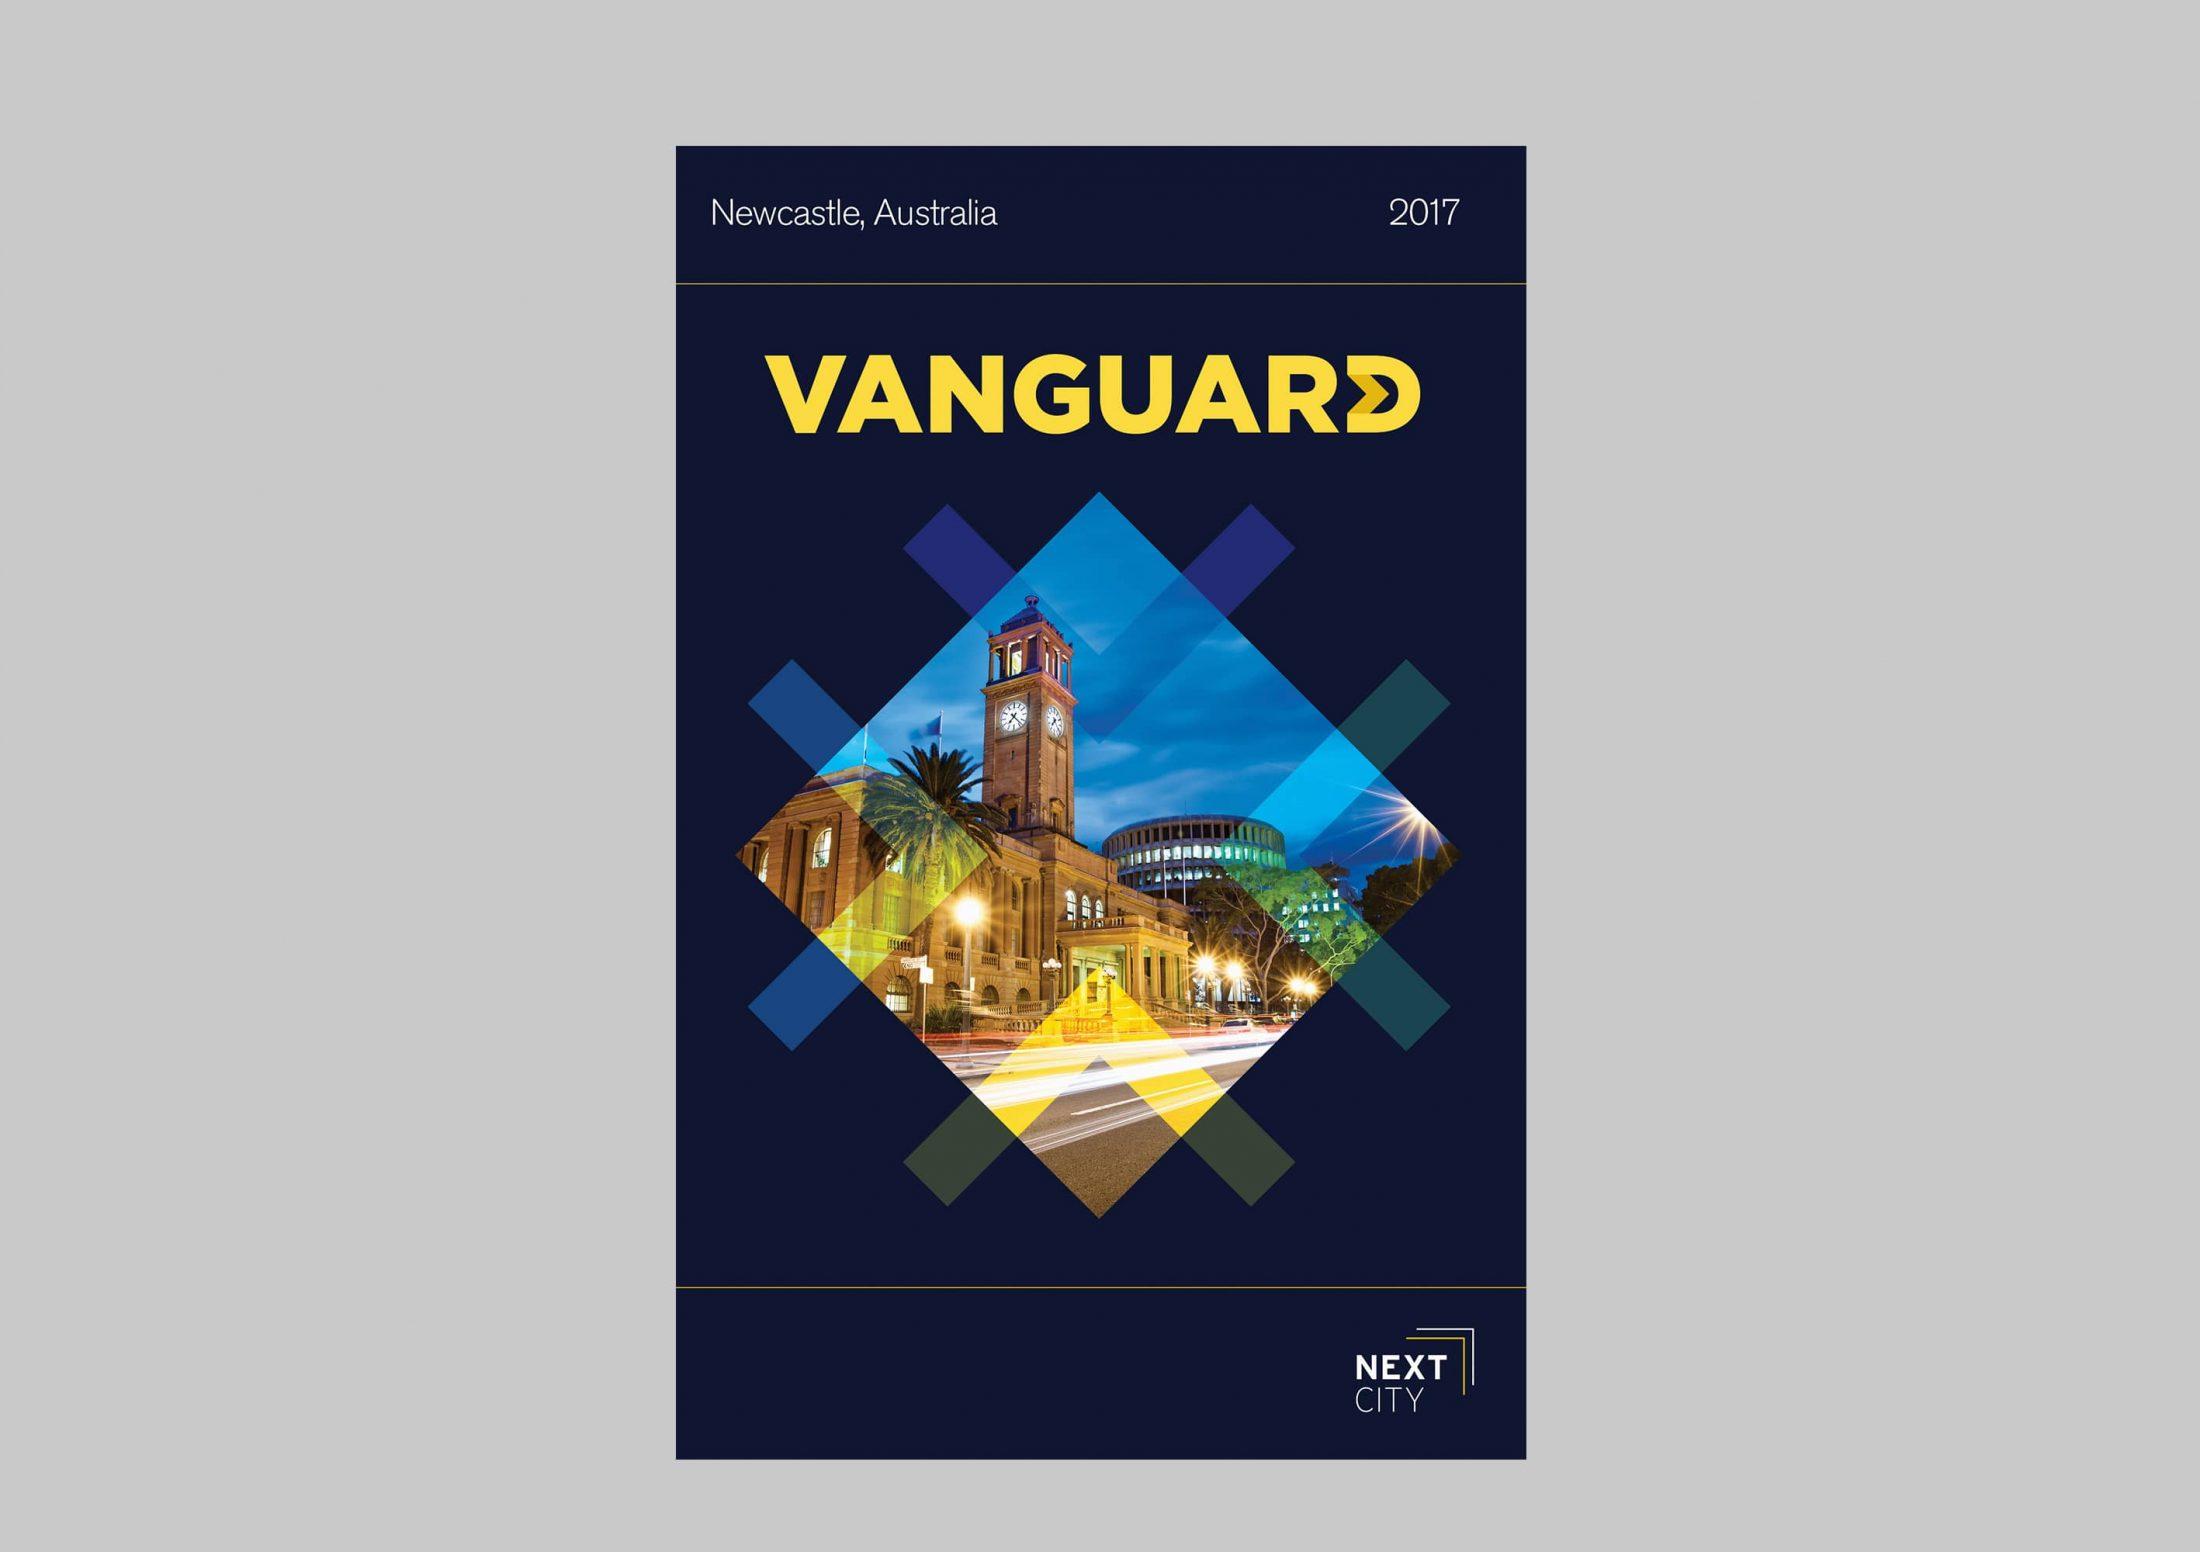 studioanthonysmyrski_nextcity_vanguard_01